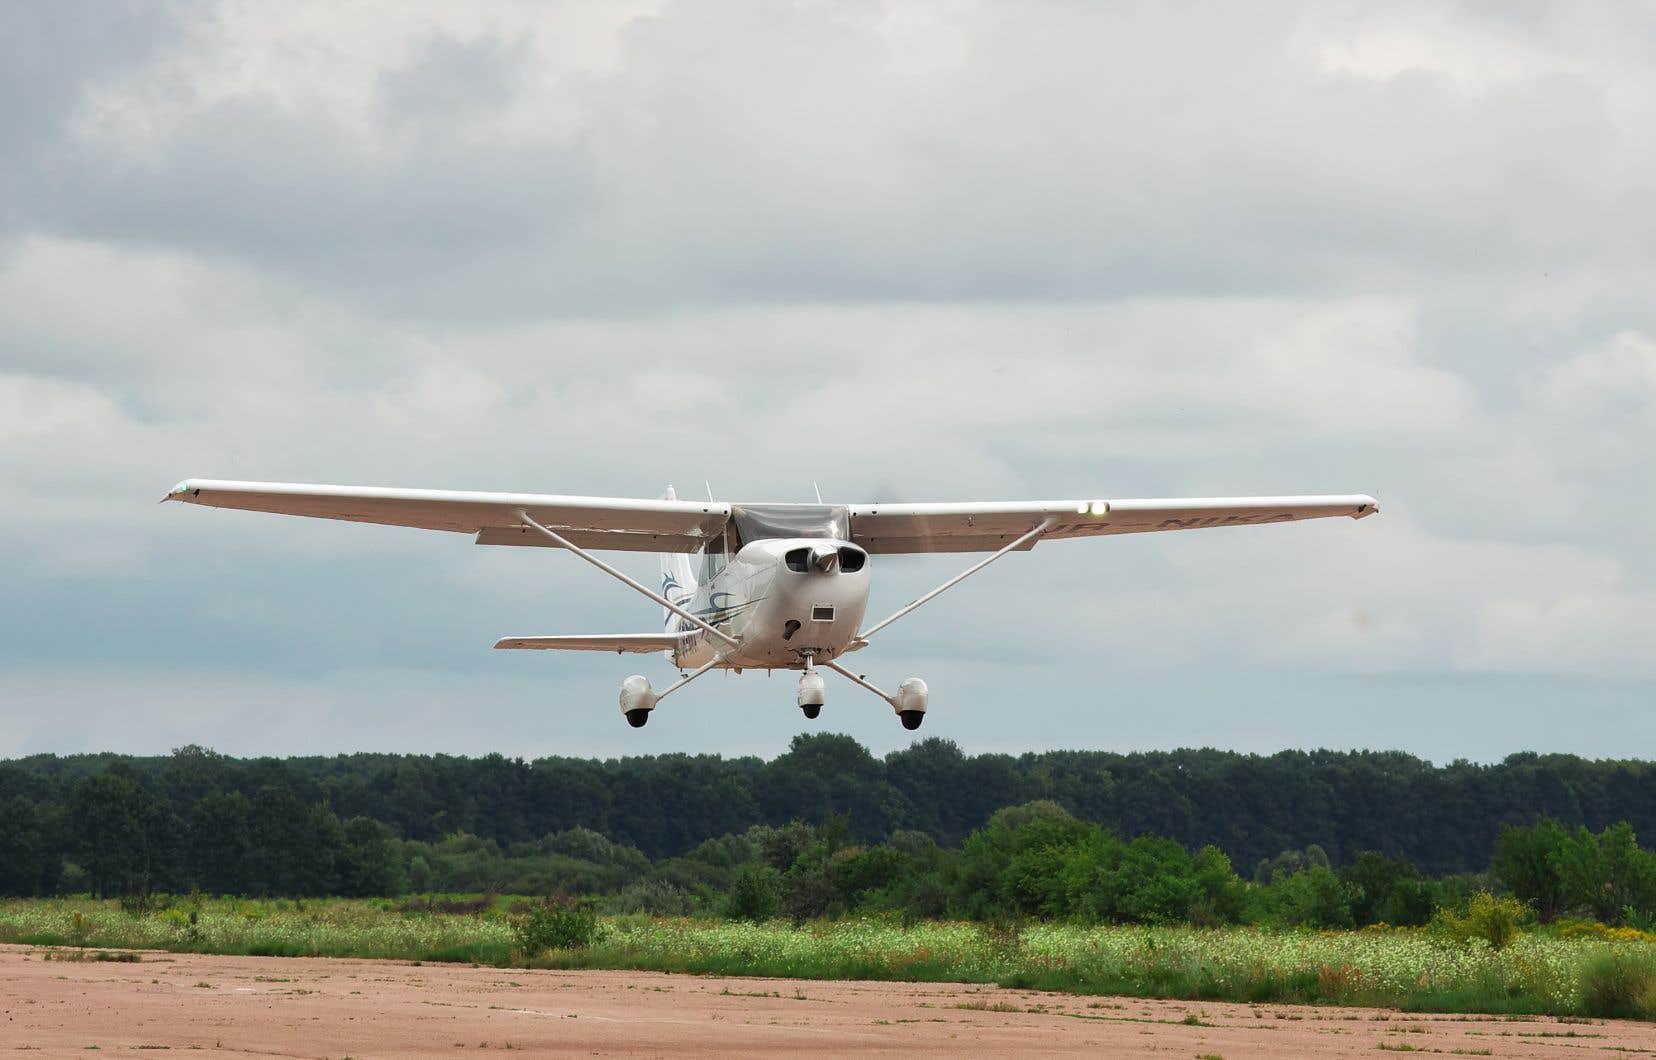 Le promoteur, Aérodrome SRA, souhaite relocaliser l'aérodrome de Mascouche qui a fermé en 2016.